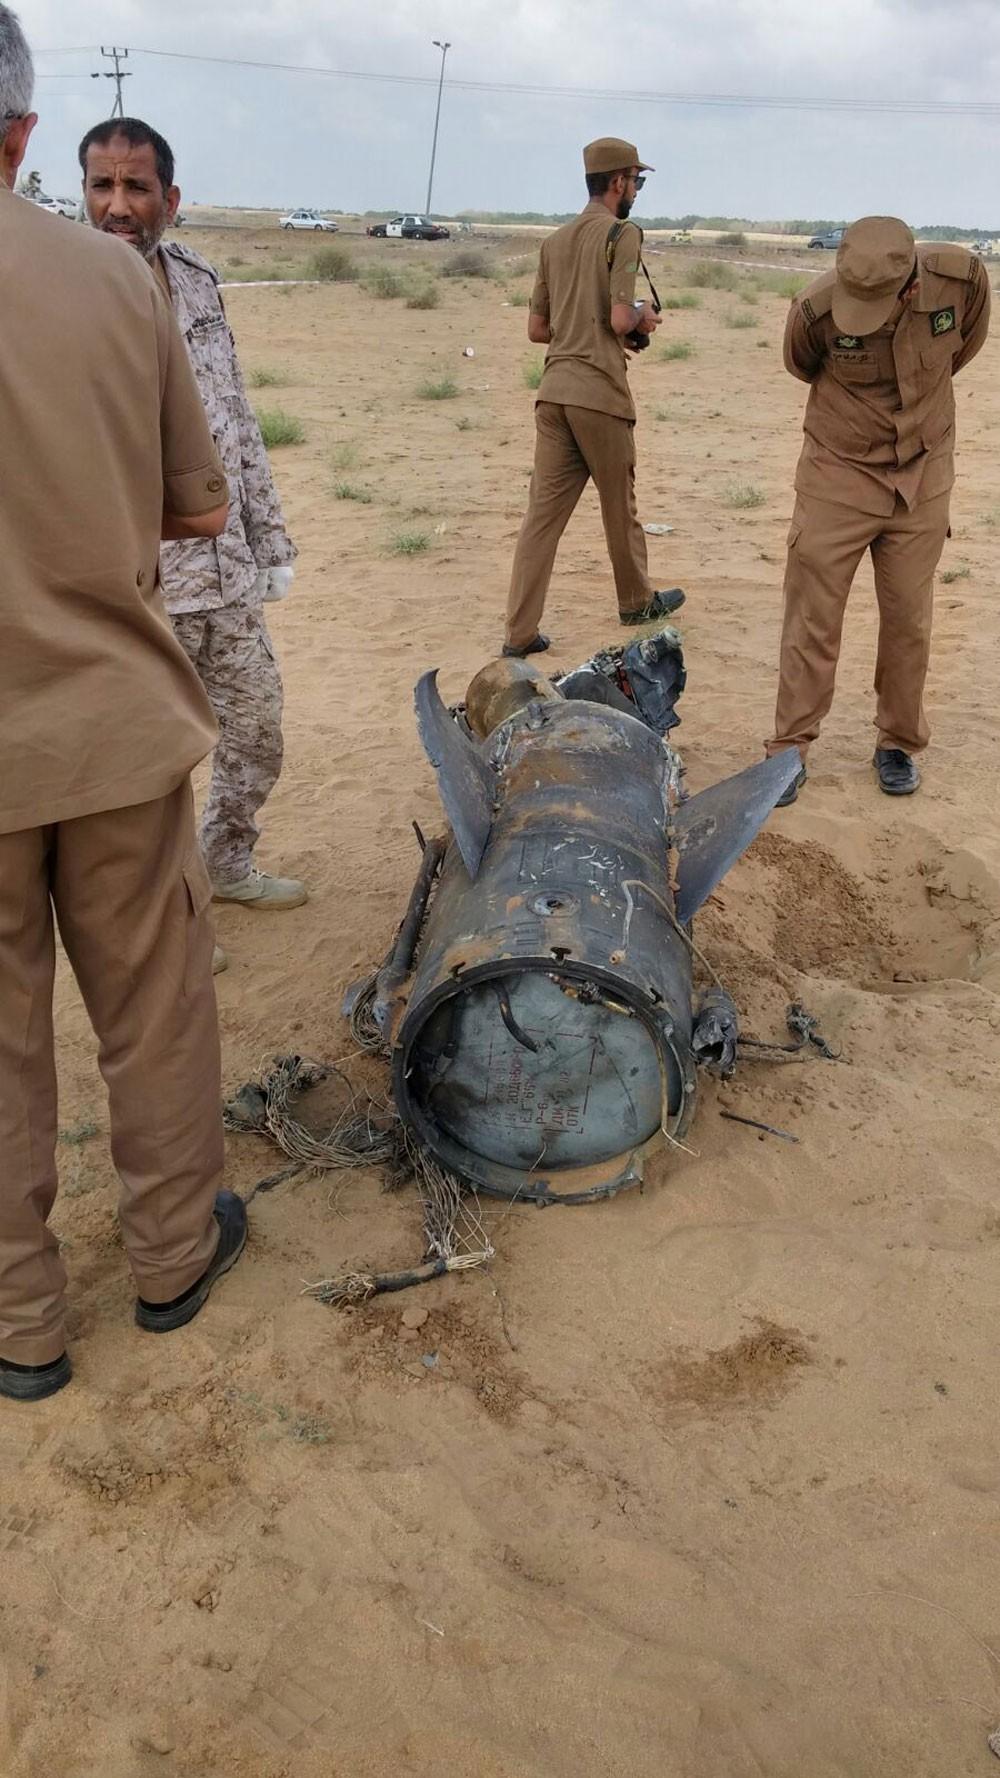 اعتراض صاروخ حوثي باتجاه نجران وسقوط آخر بمنطقة صحراوية